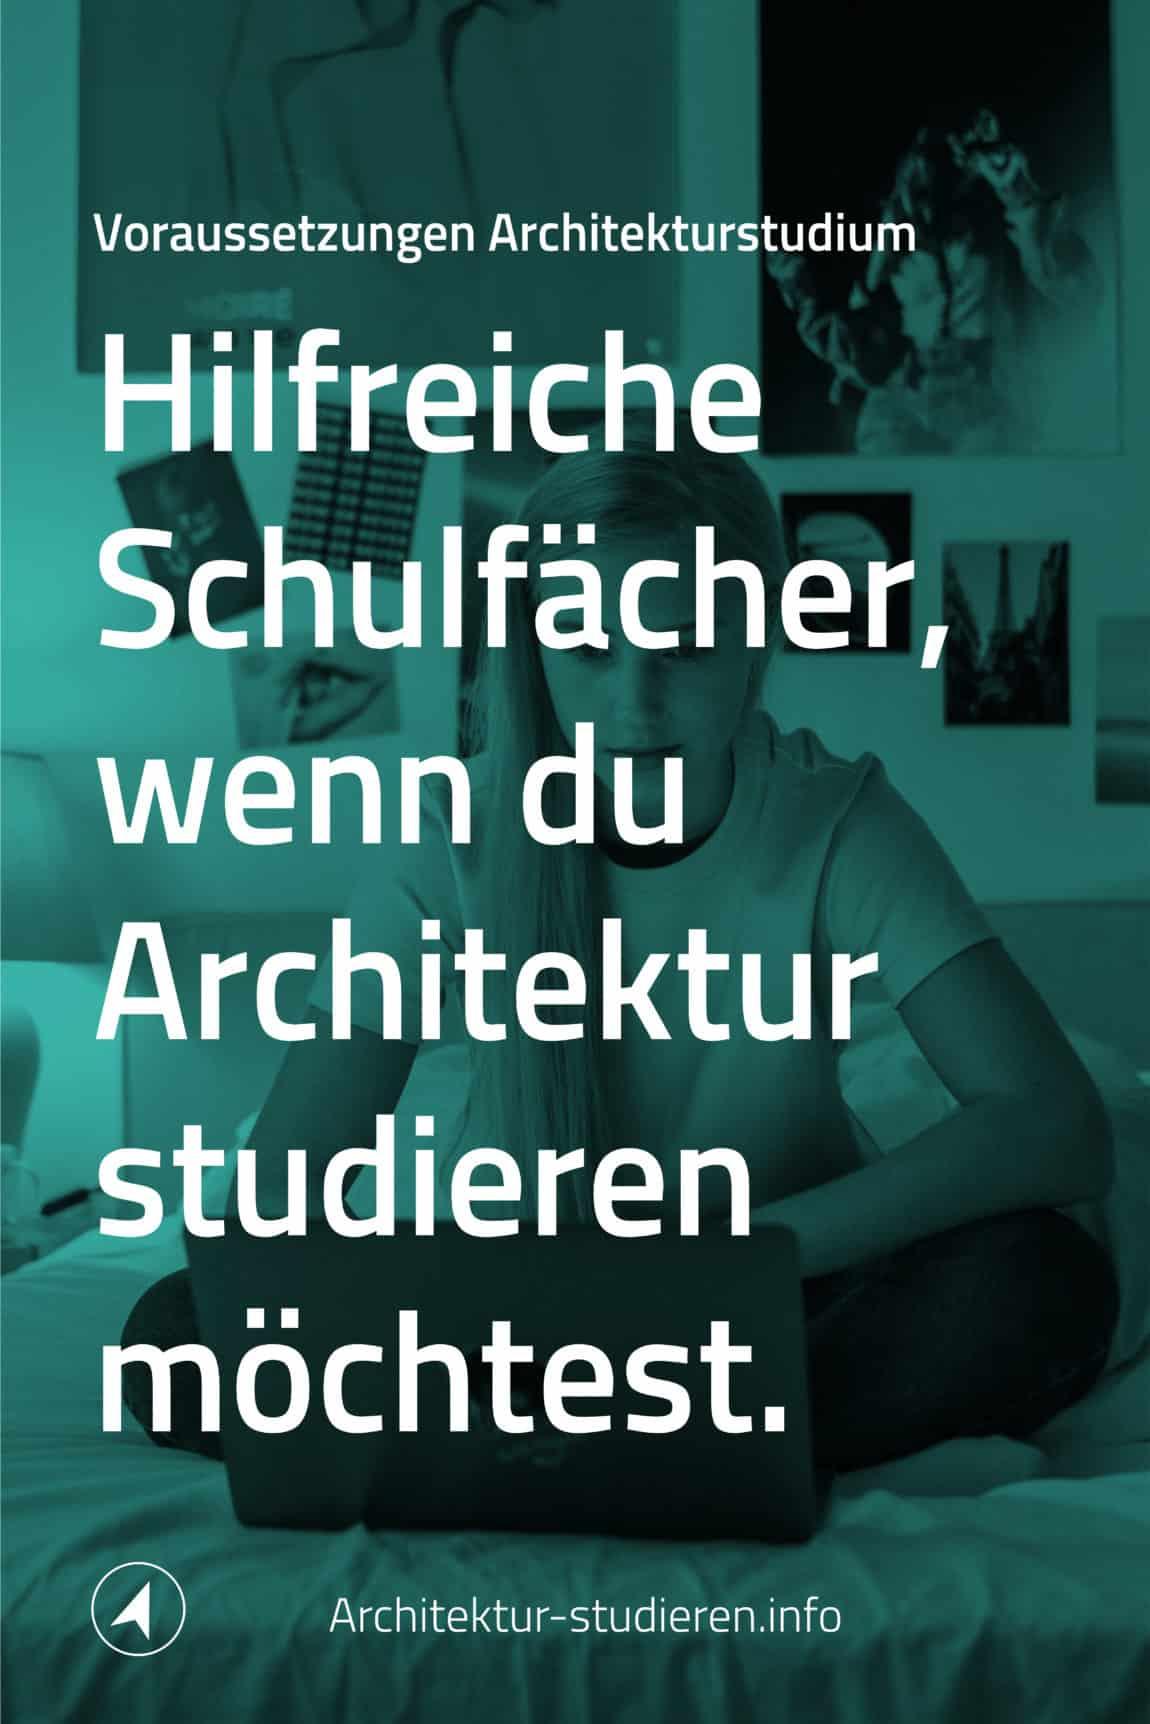 Voraussetzungen Architektur-Studium: Wichtige Schulfächer, die du in der Oberstufe belegen solltest | © Anett Ring, Architektur-studieren.info